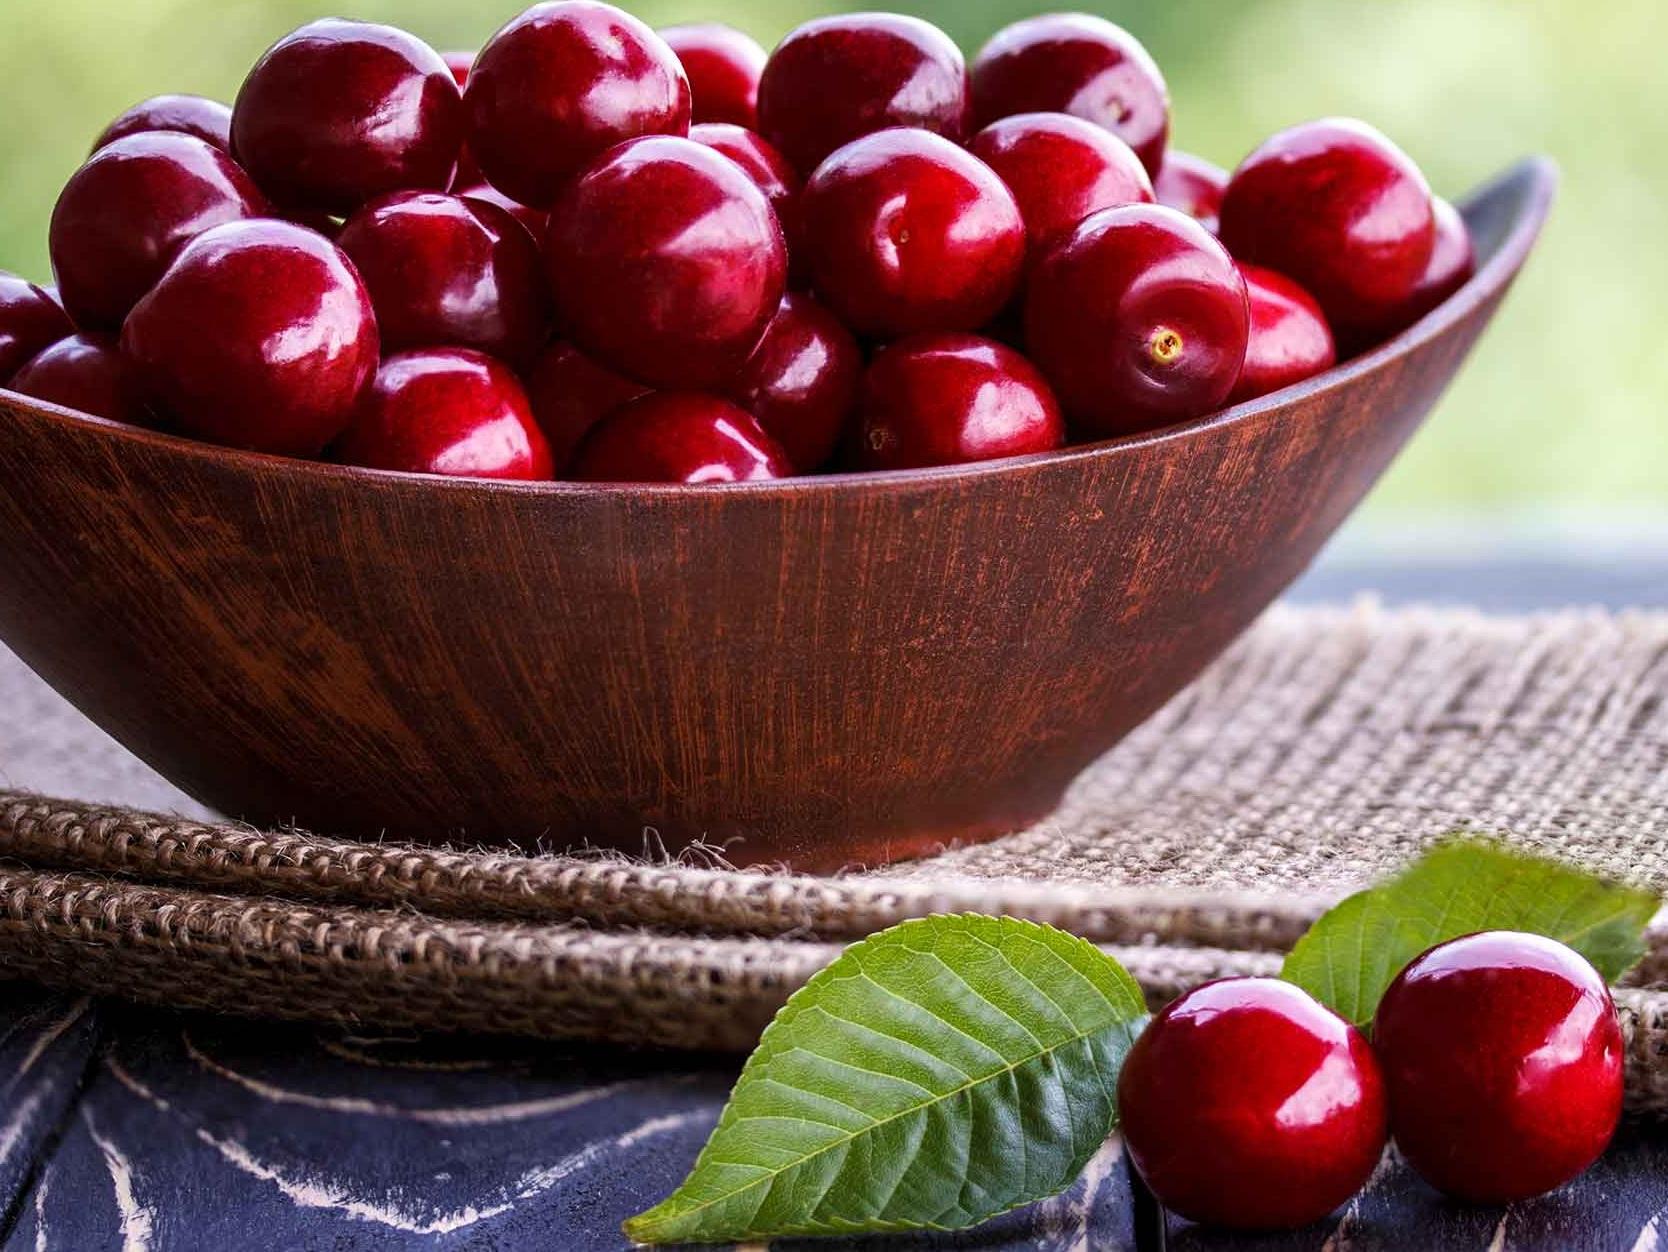 Cherry Properties 2 - خواص گیلاس و مهم ترین فواید مصرف این میوه محبوب